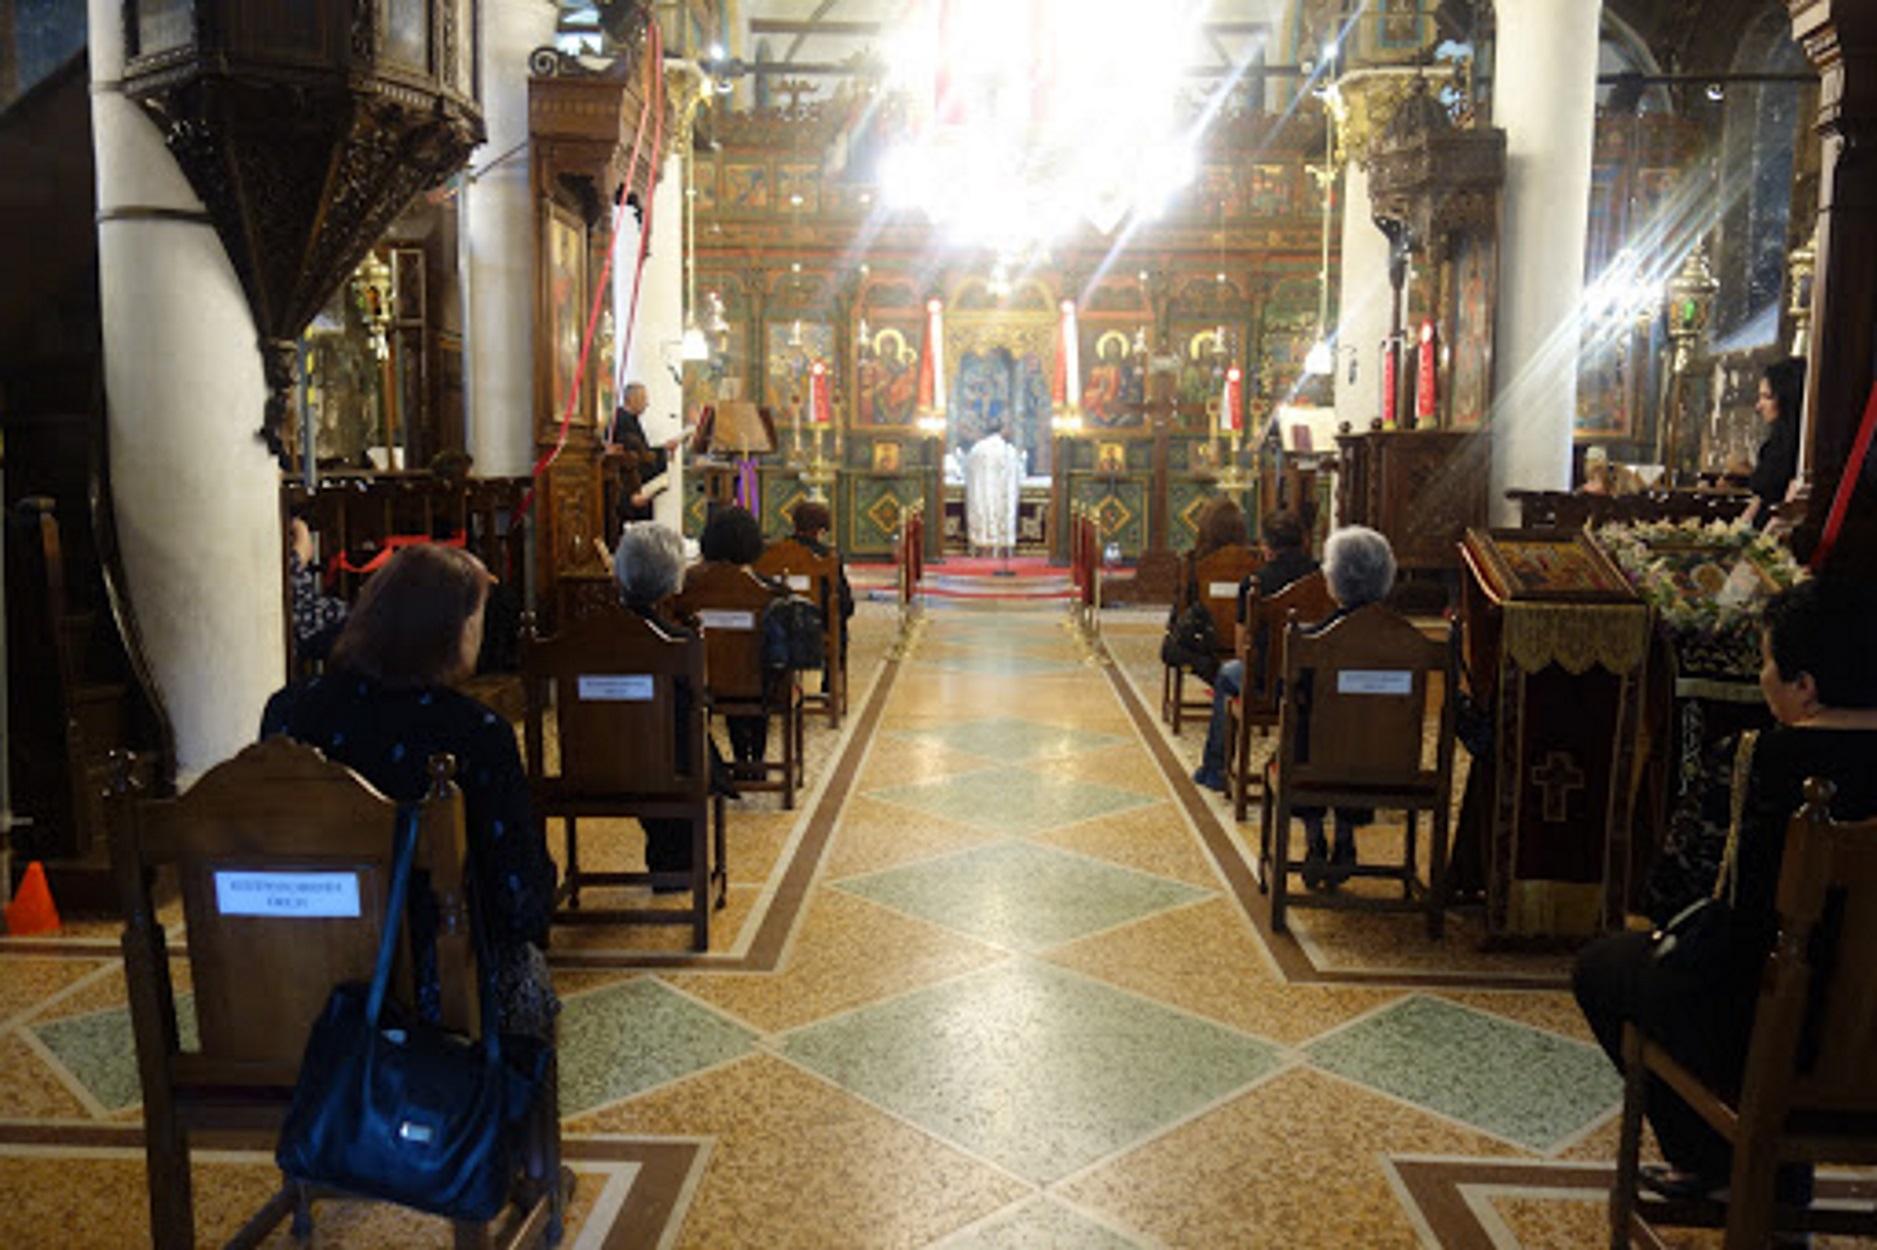 Λάρισα: Έφοδος της αστυνομίας σε εκκλησία – Στο αυτόφωρο ο ιερέας